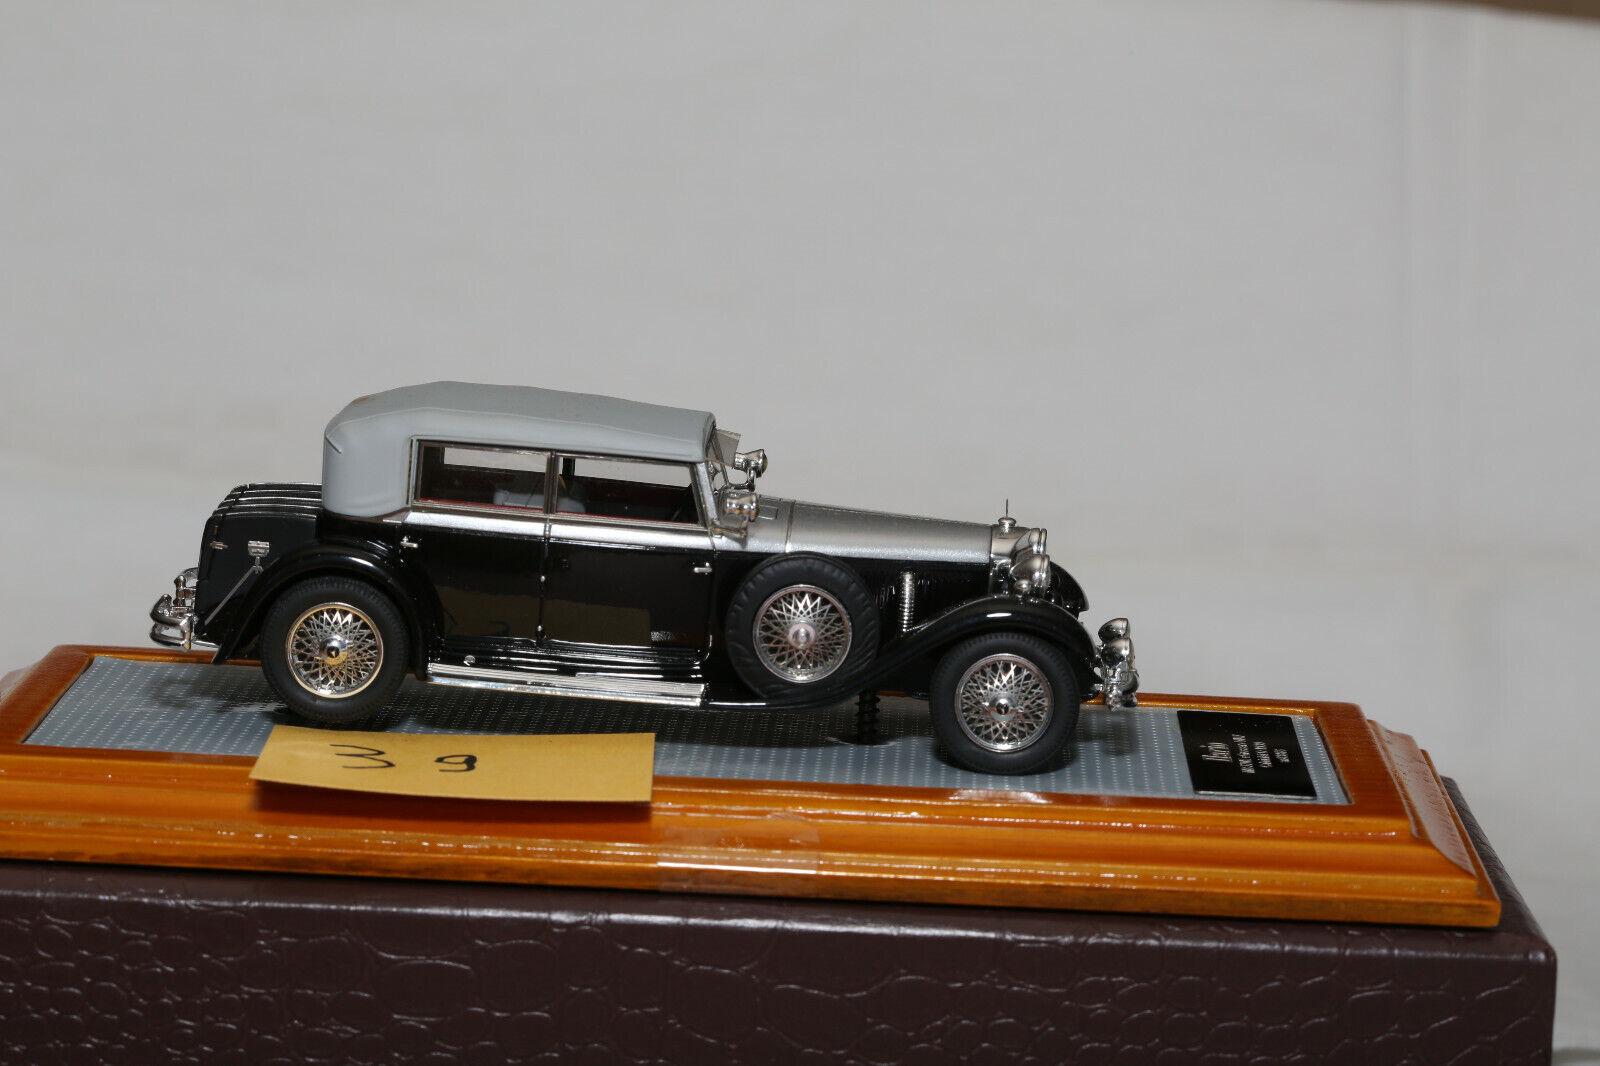 Mercédes (39) 770 K -cabriolet 1930-Iiario-1 43